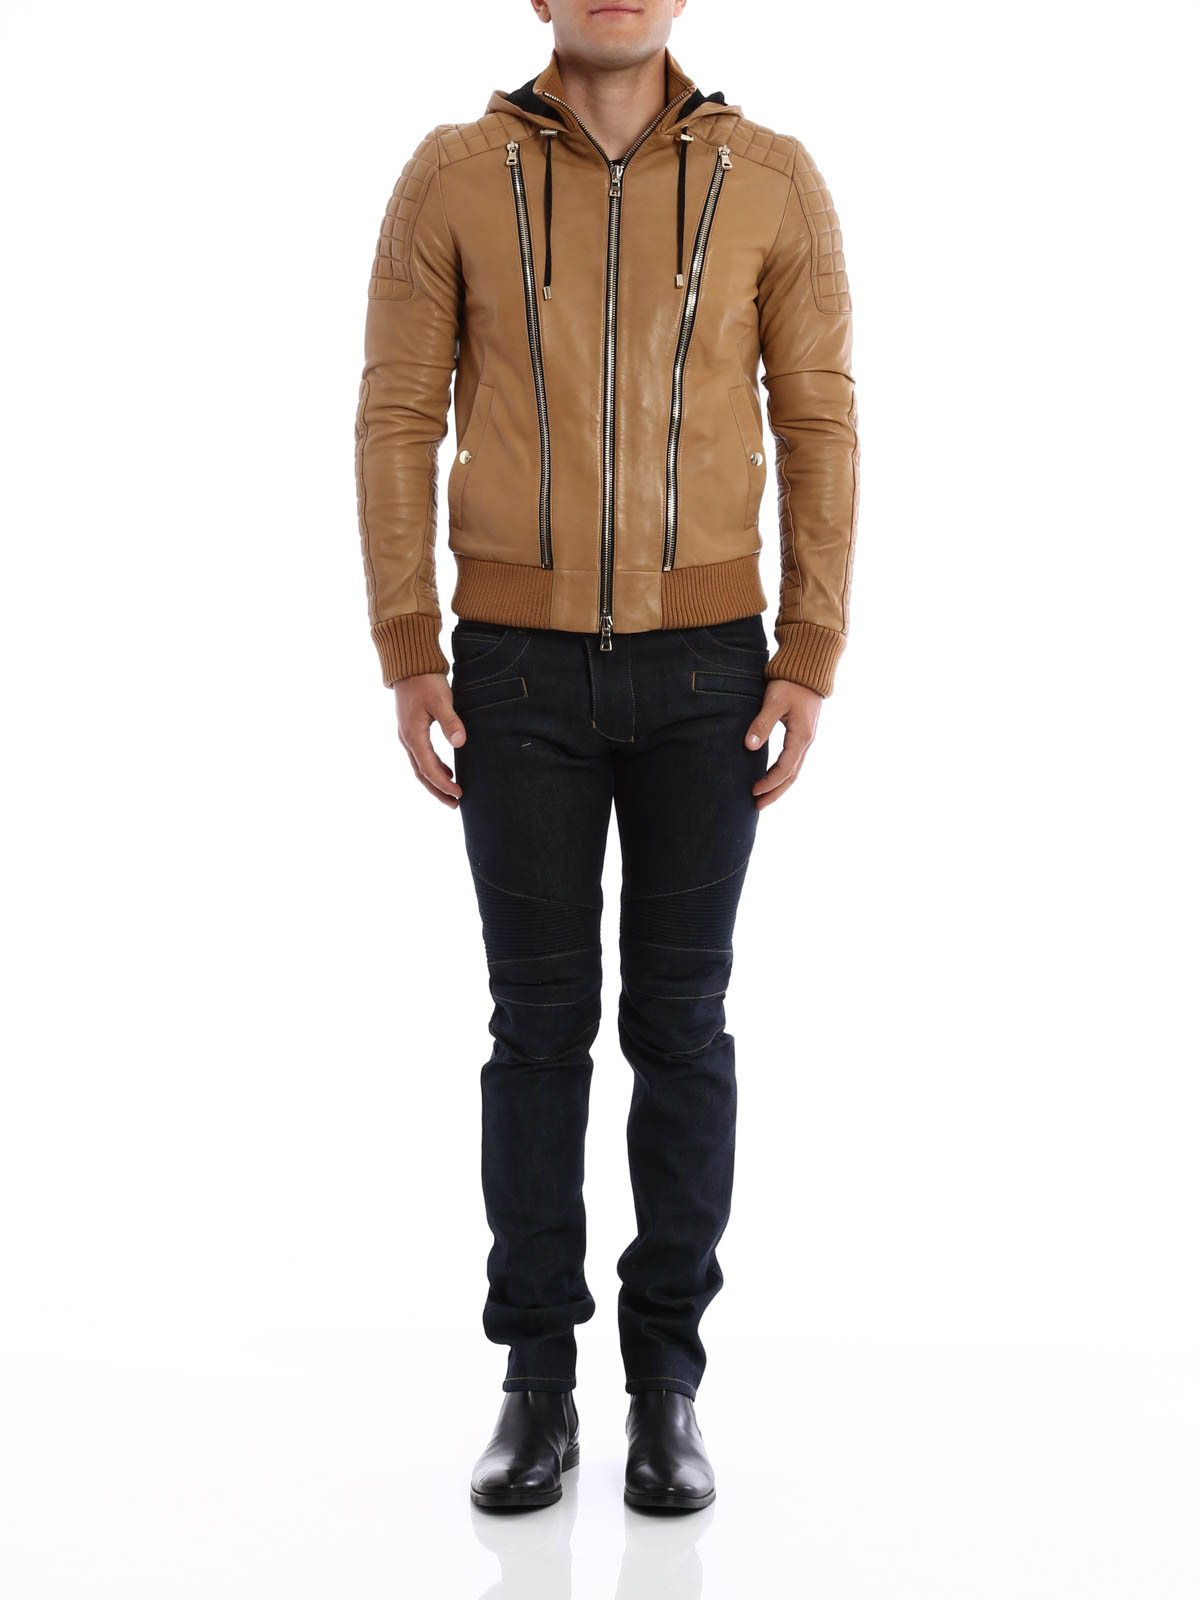 Soft leather bomber jacket